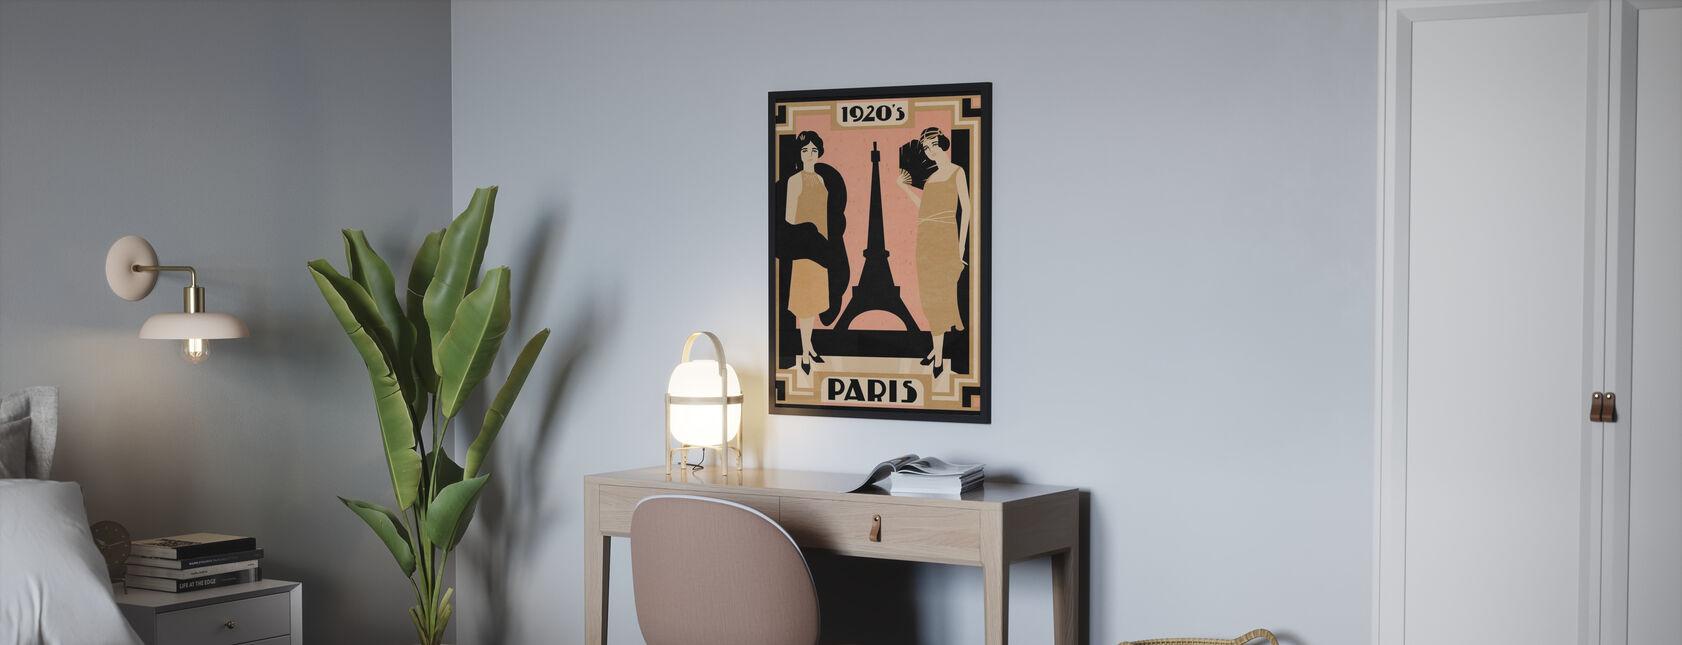 1920 Paris - Poster - Bedroom